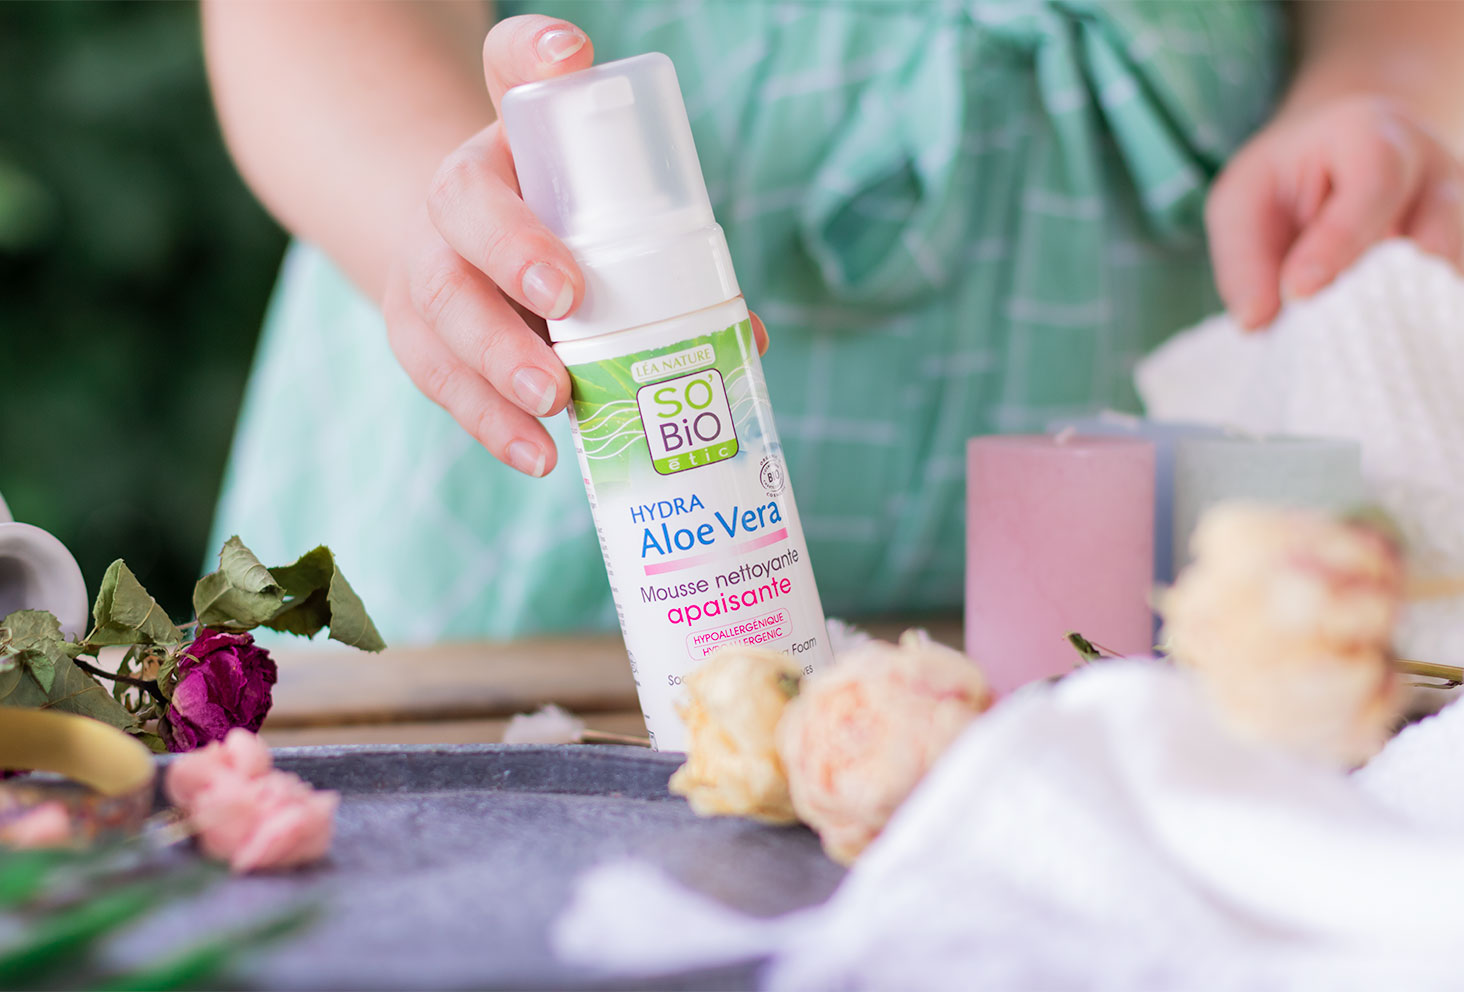 Dans la main, la mousse nettoyante apaisante SO'BiO étic et dans l'autre main, une serviette blanche, dans un décor de salle de bain